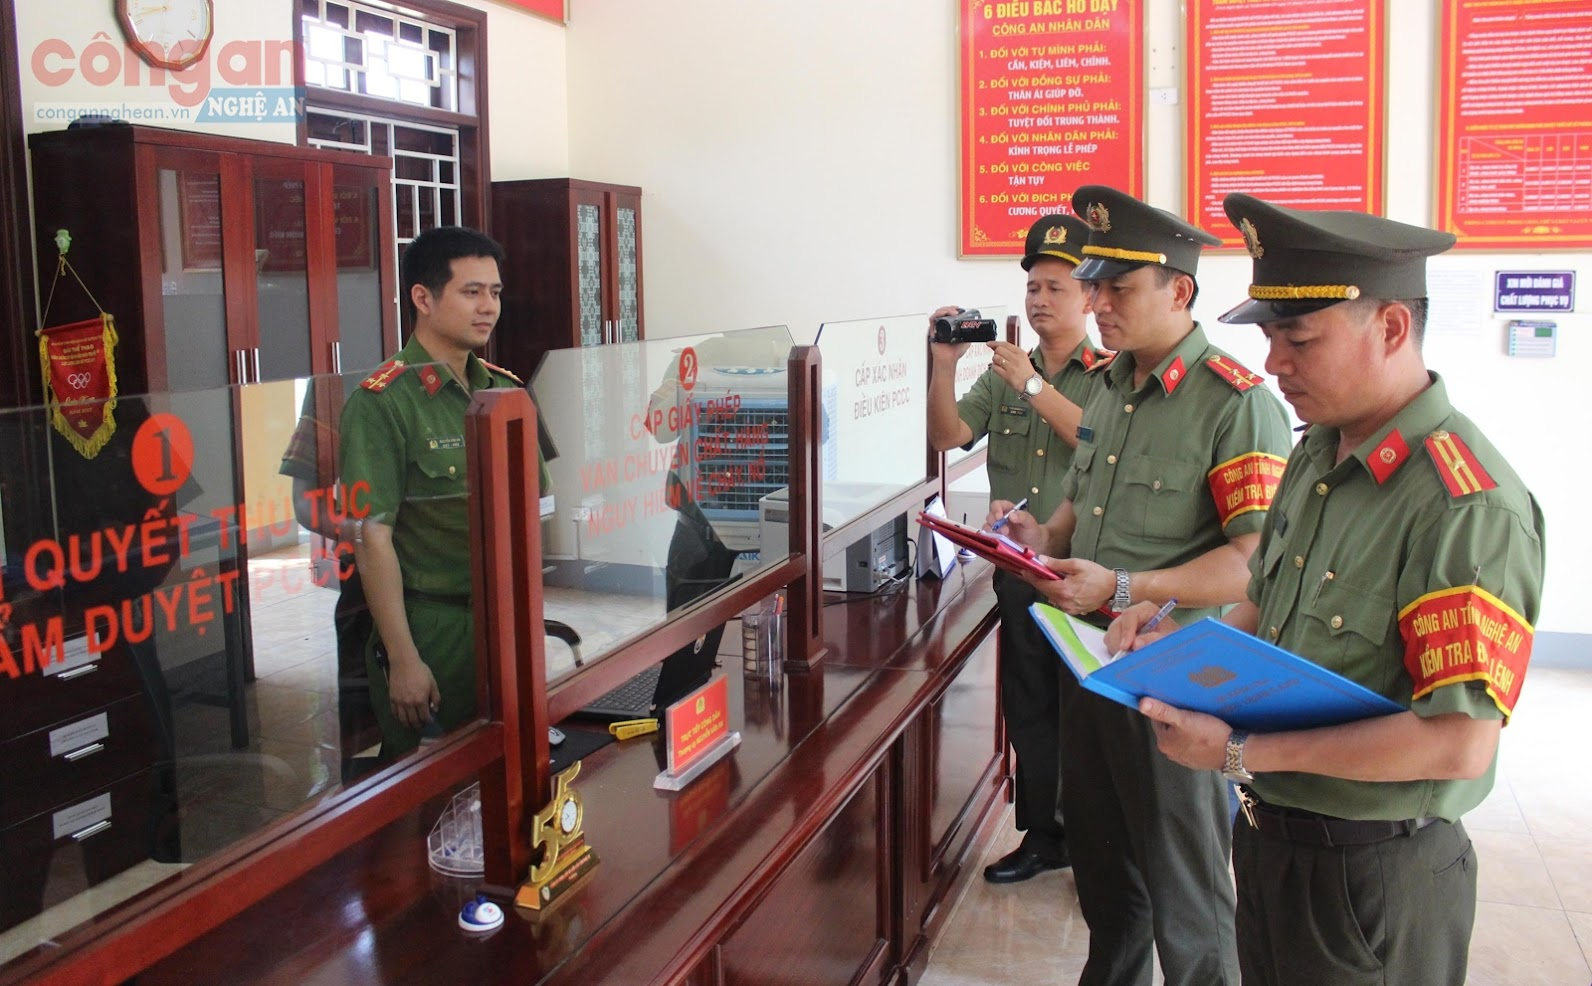 Đội điều lệnh Công an tỉnh kiểm tra tại Phòng Cảnh sát Phòng cháy, chữa cháy và cứu nạn, cứu hộ